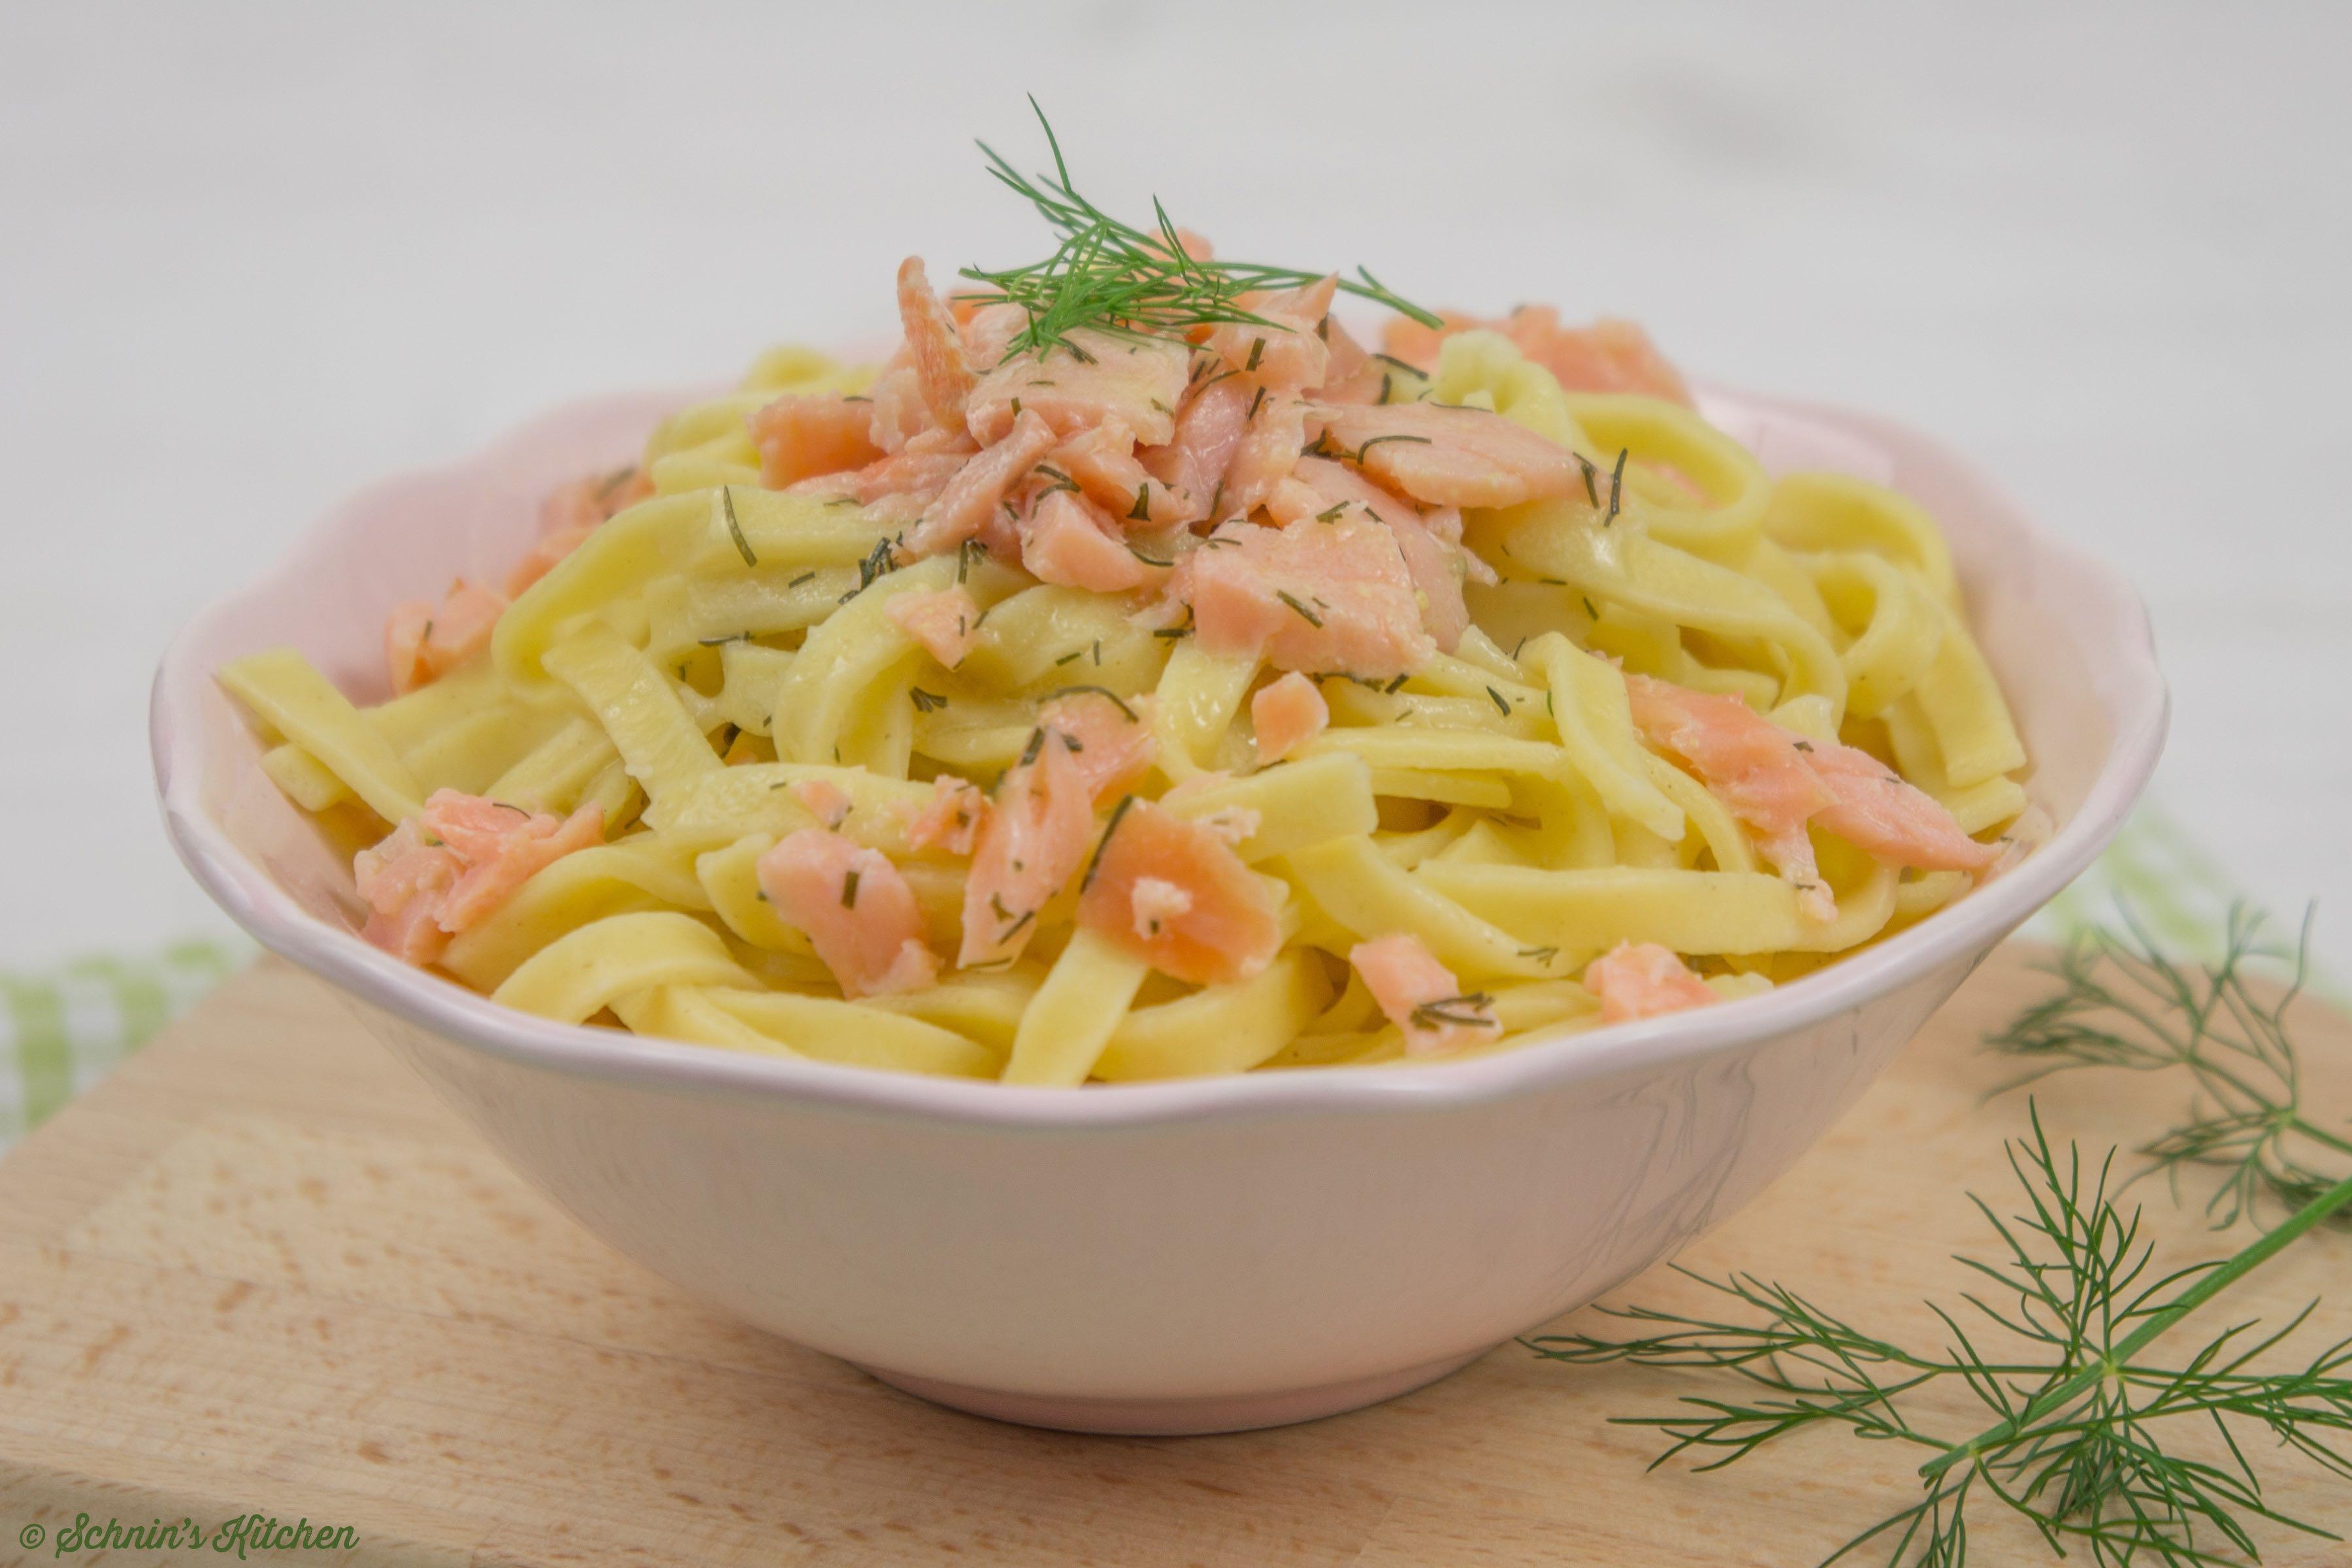 Schnin's Kitchen: Selbstgemachte Nudeln mit Lachs und Honig-Senf-Sauce